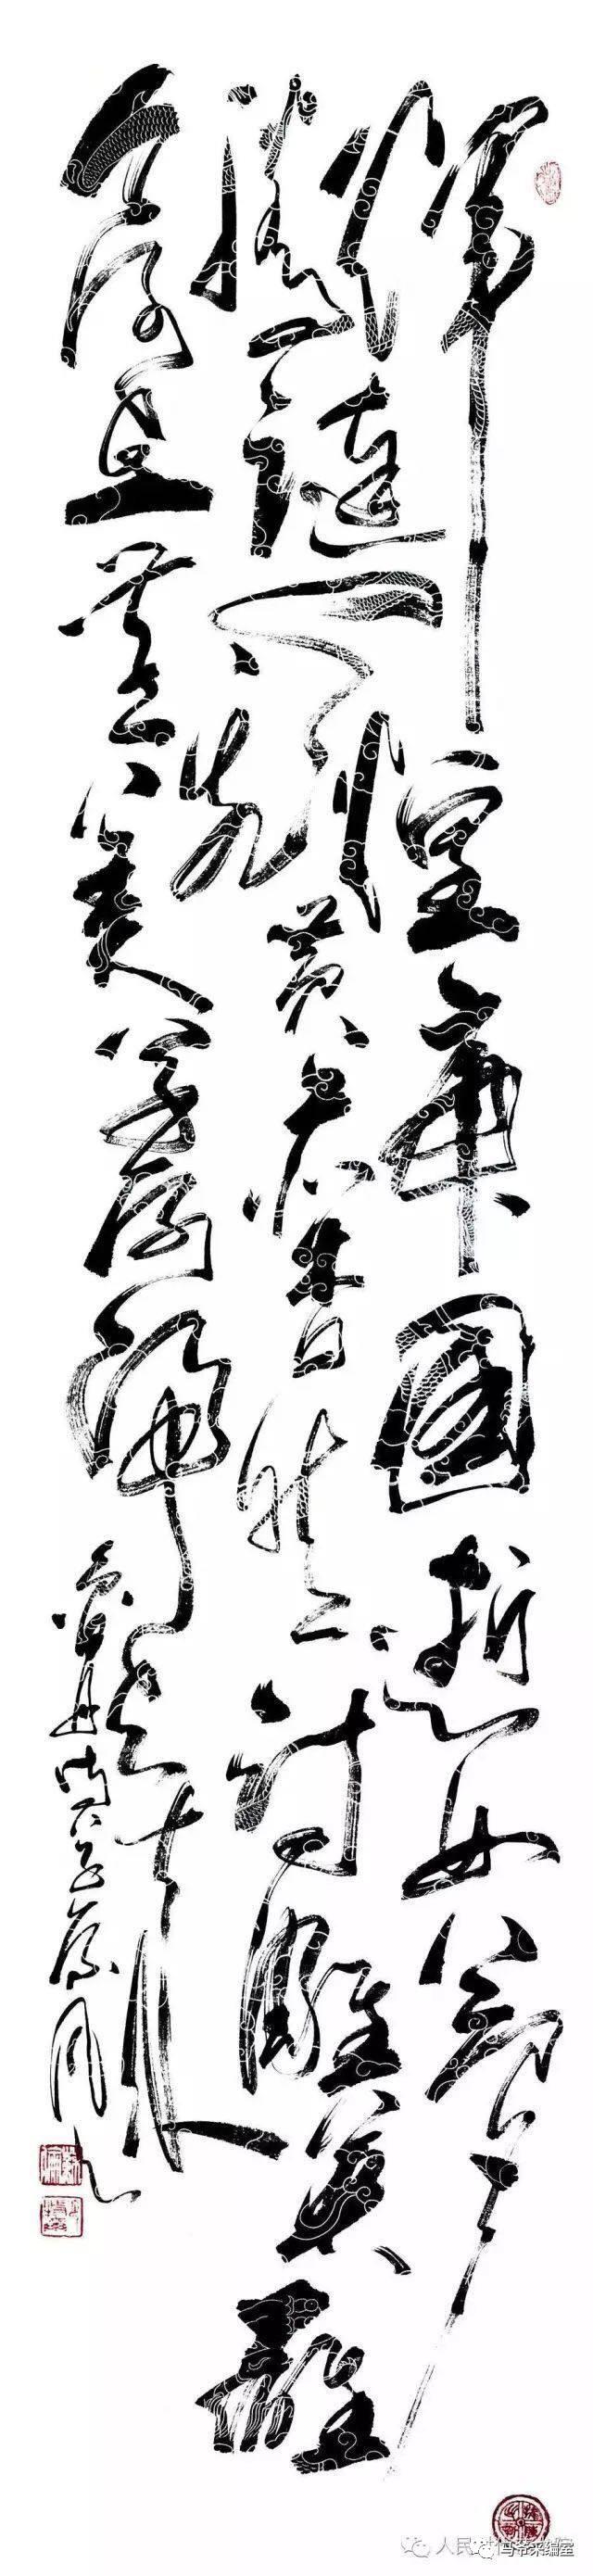 独家||走进联合国大堂个人书法展蒙古族书法家第一人苏伦·巴特尔 第8张